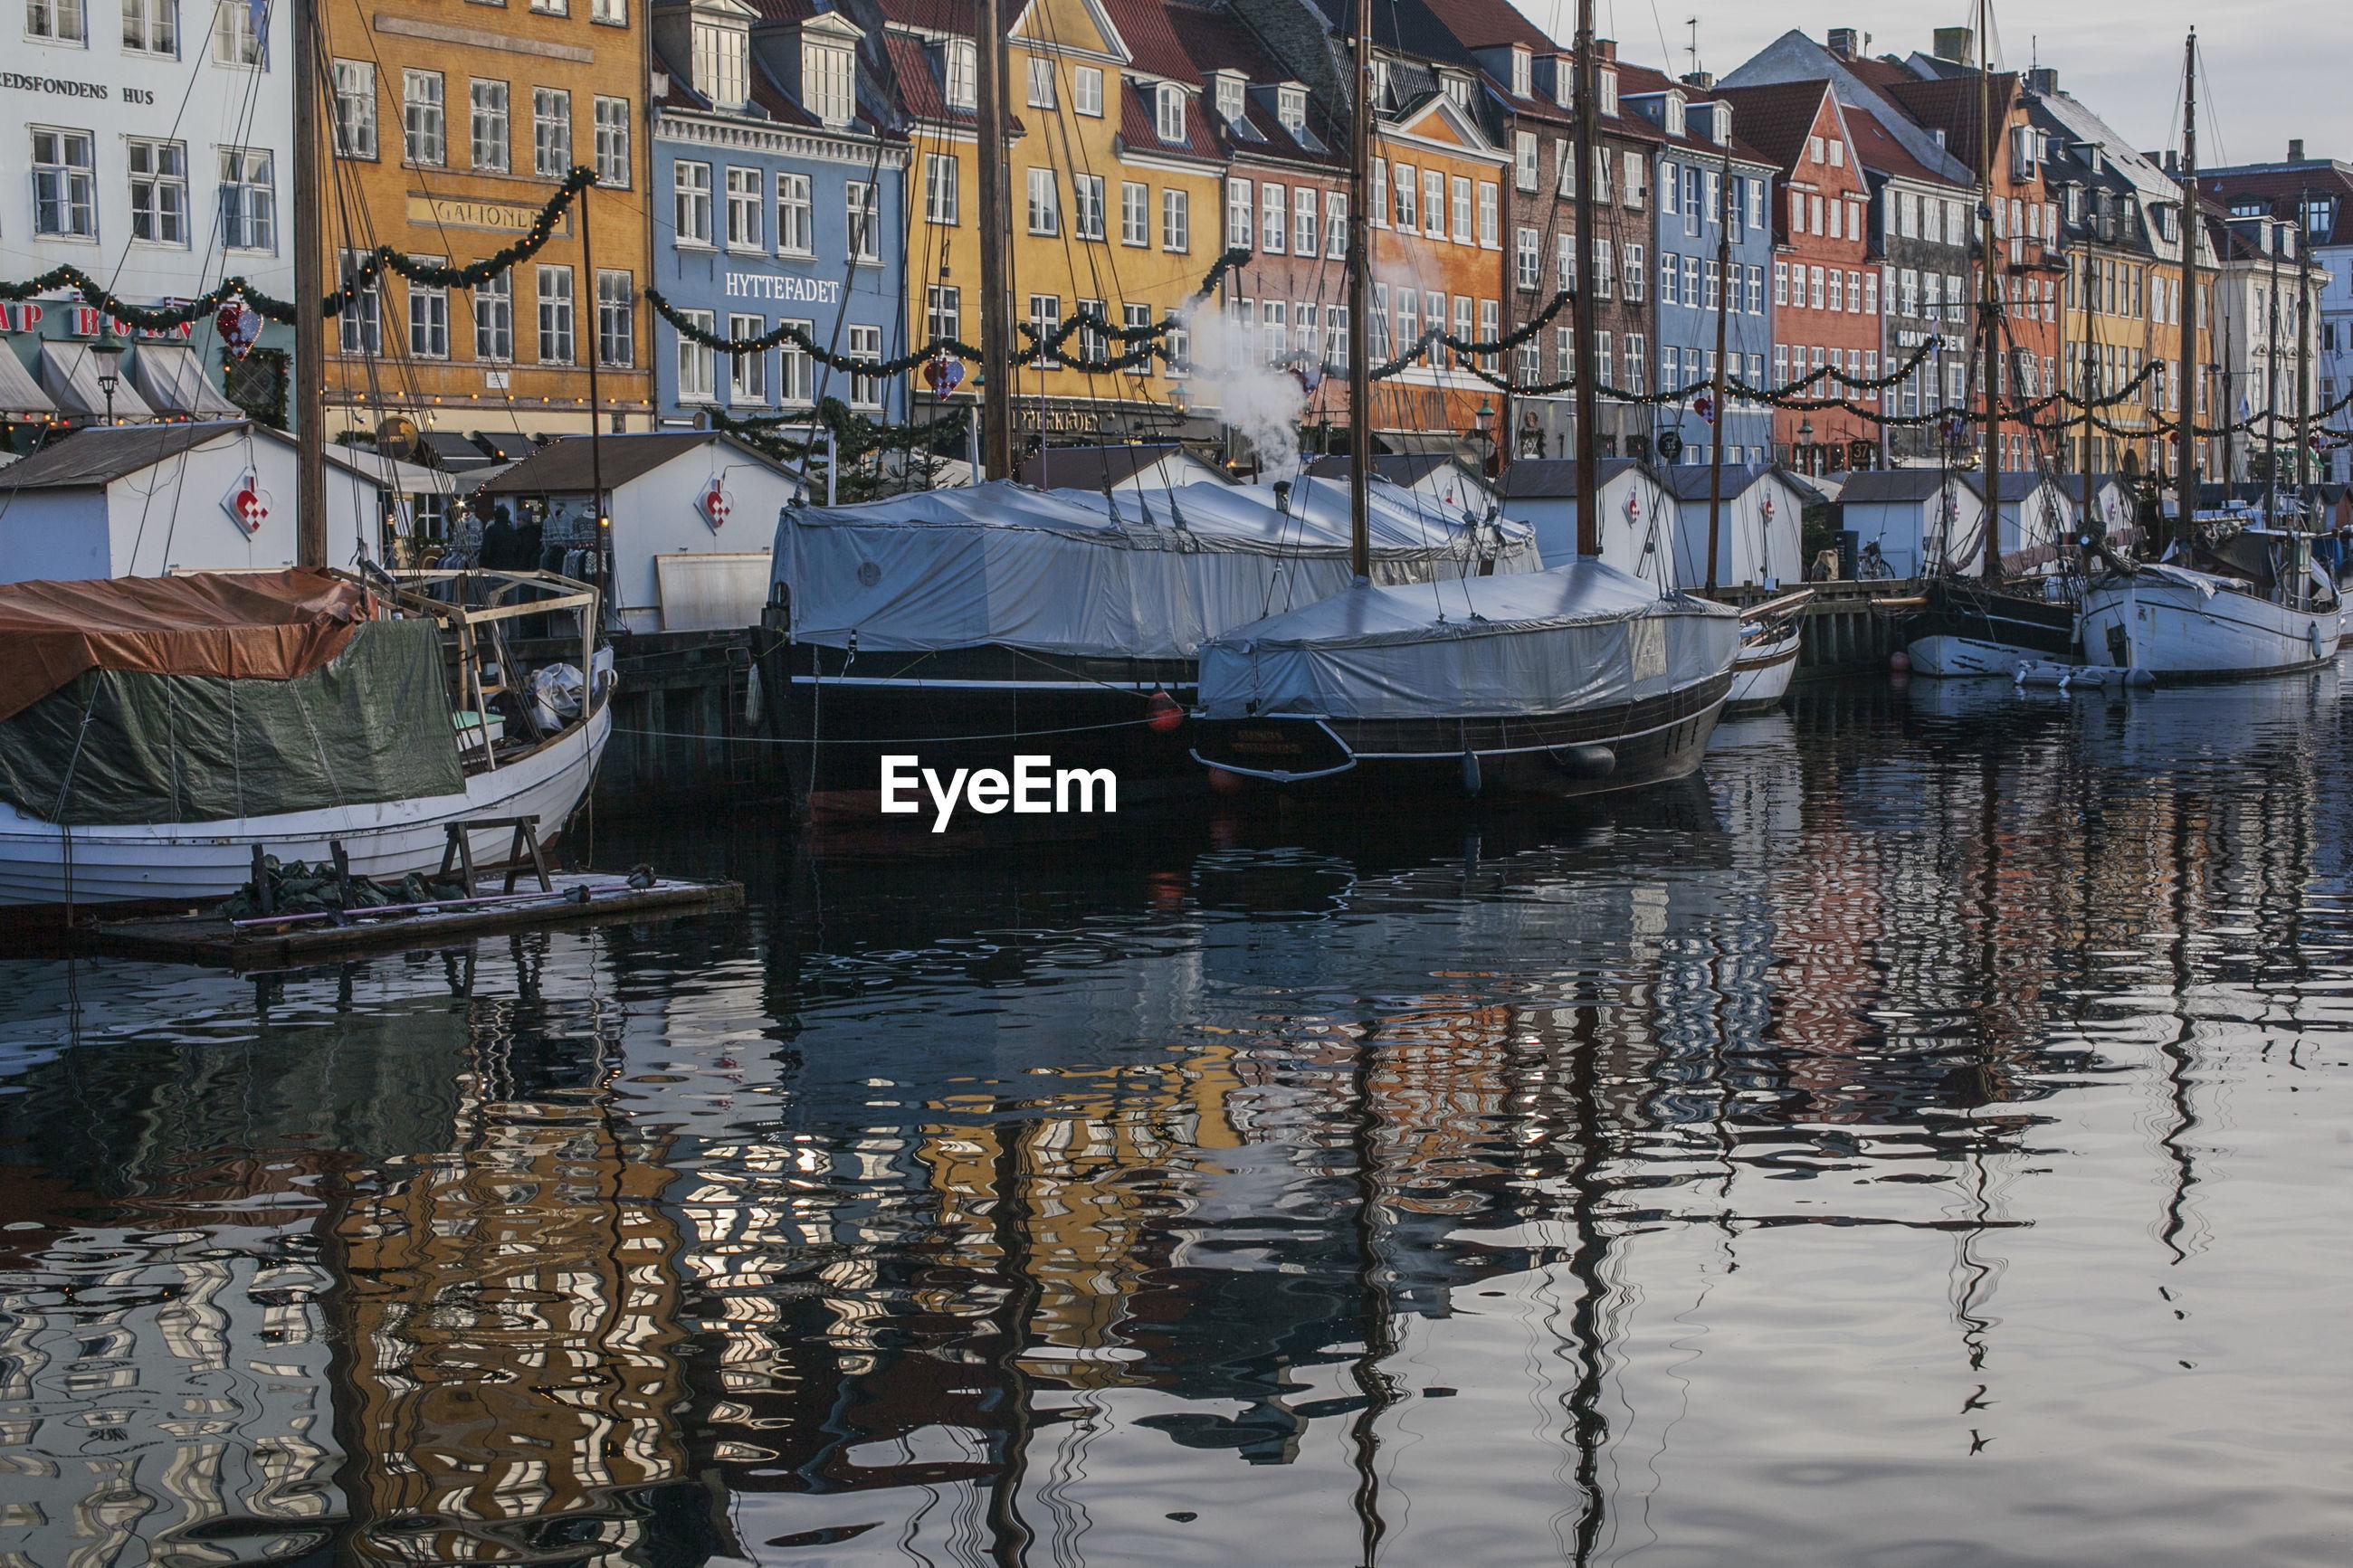 Boats moored in canal by buildings in city, copenhagen